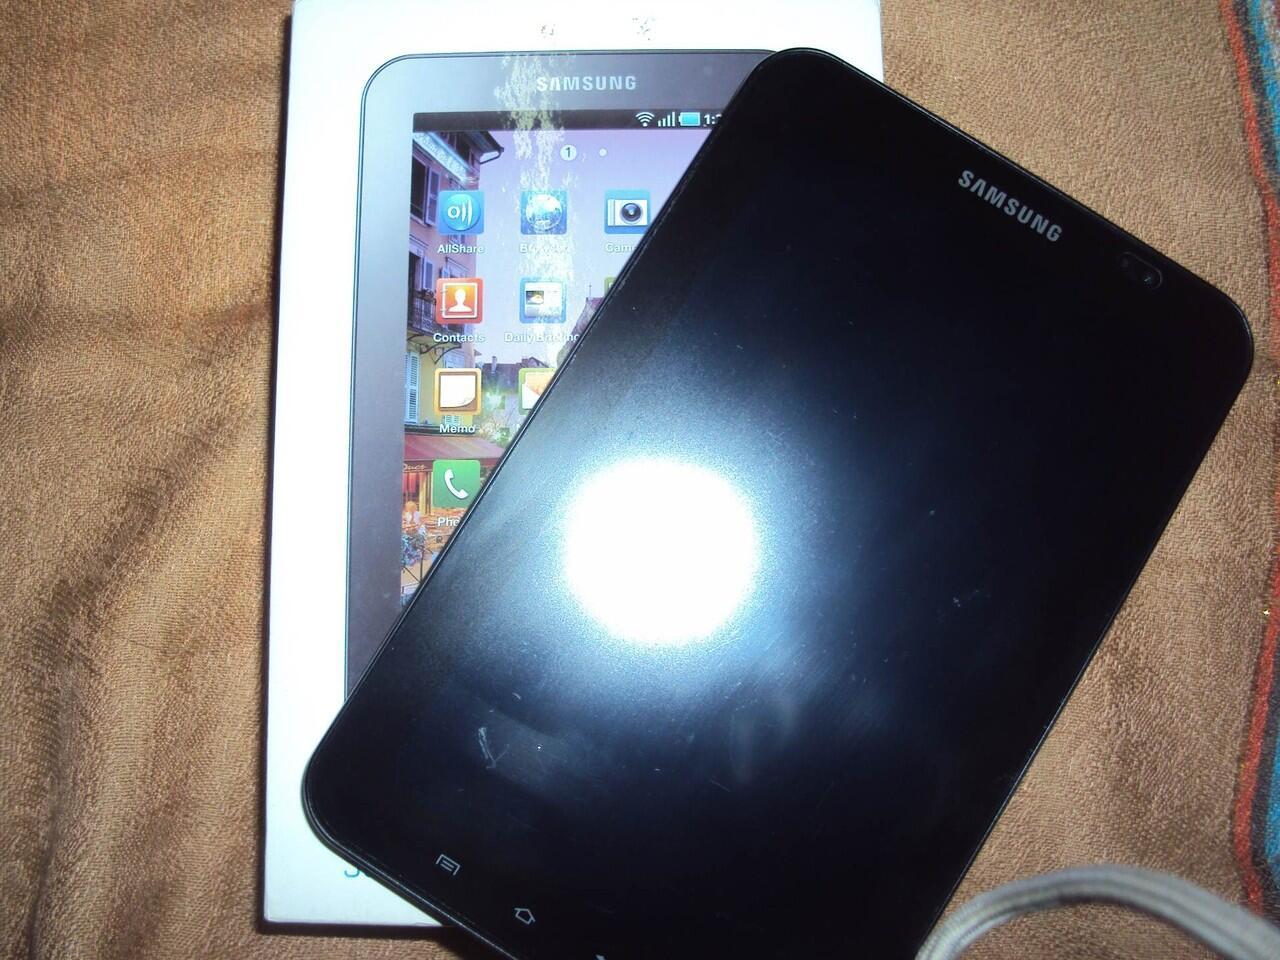 WTS Samsung Galaxy Tab 7.0 GT P1000